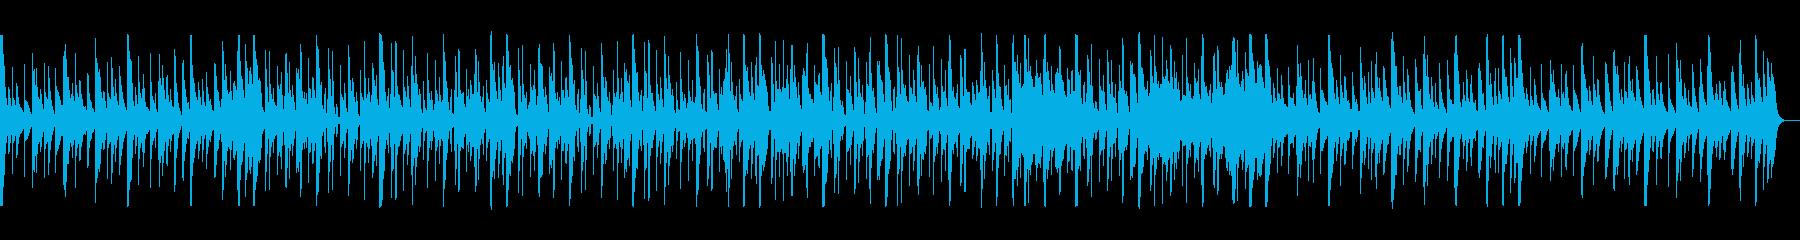 かわいらしくメルヘンチックなポップスの再生済みの波形